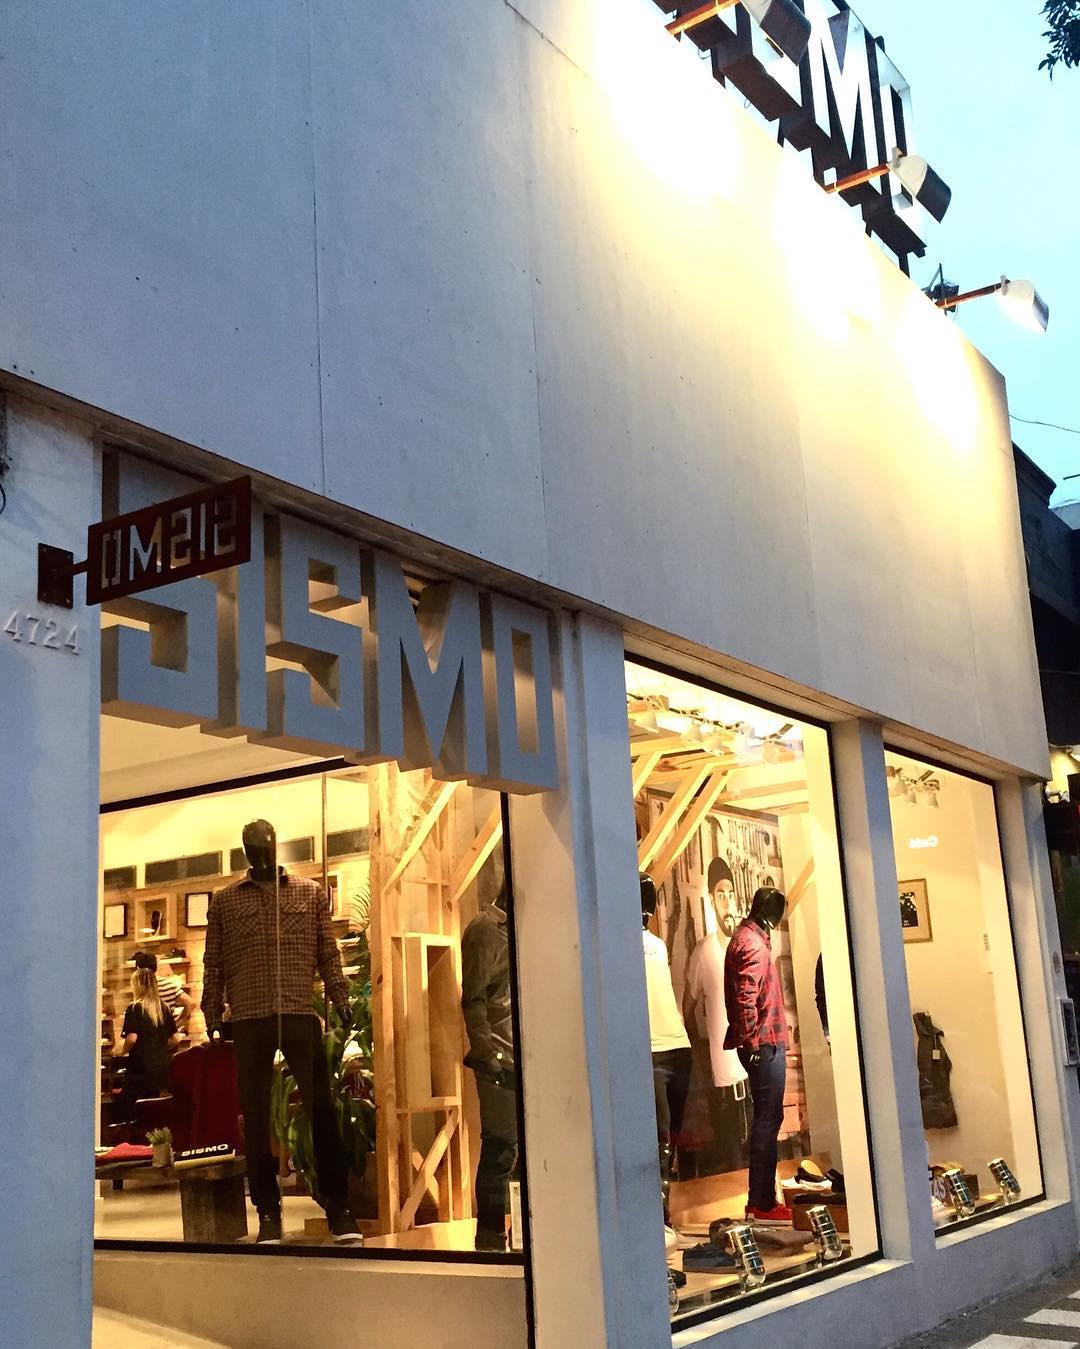 Sismo Soho store. Todavía no pasaste ?  Honduras 4724 Palermo Soho. #sismo #soho #palermosoho #sismostore